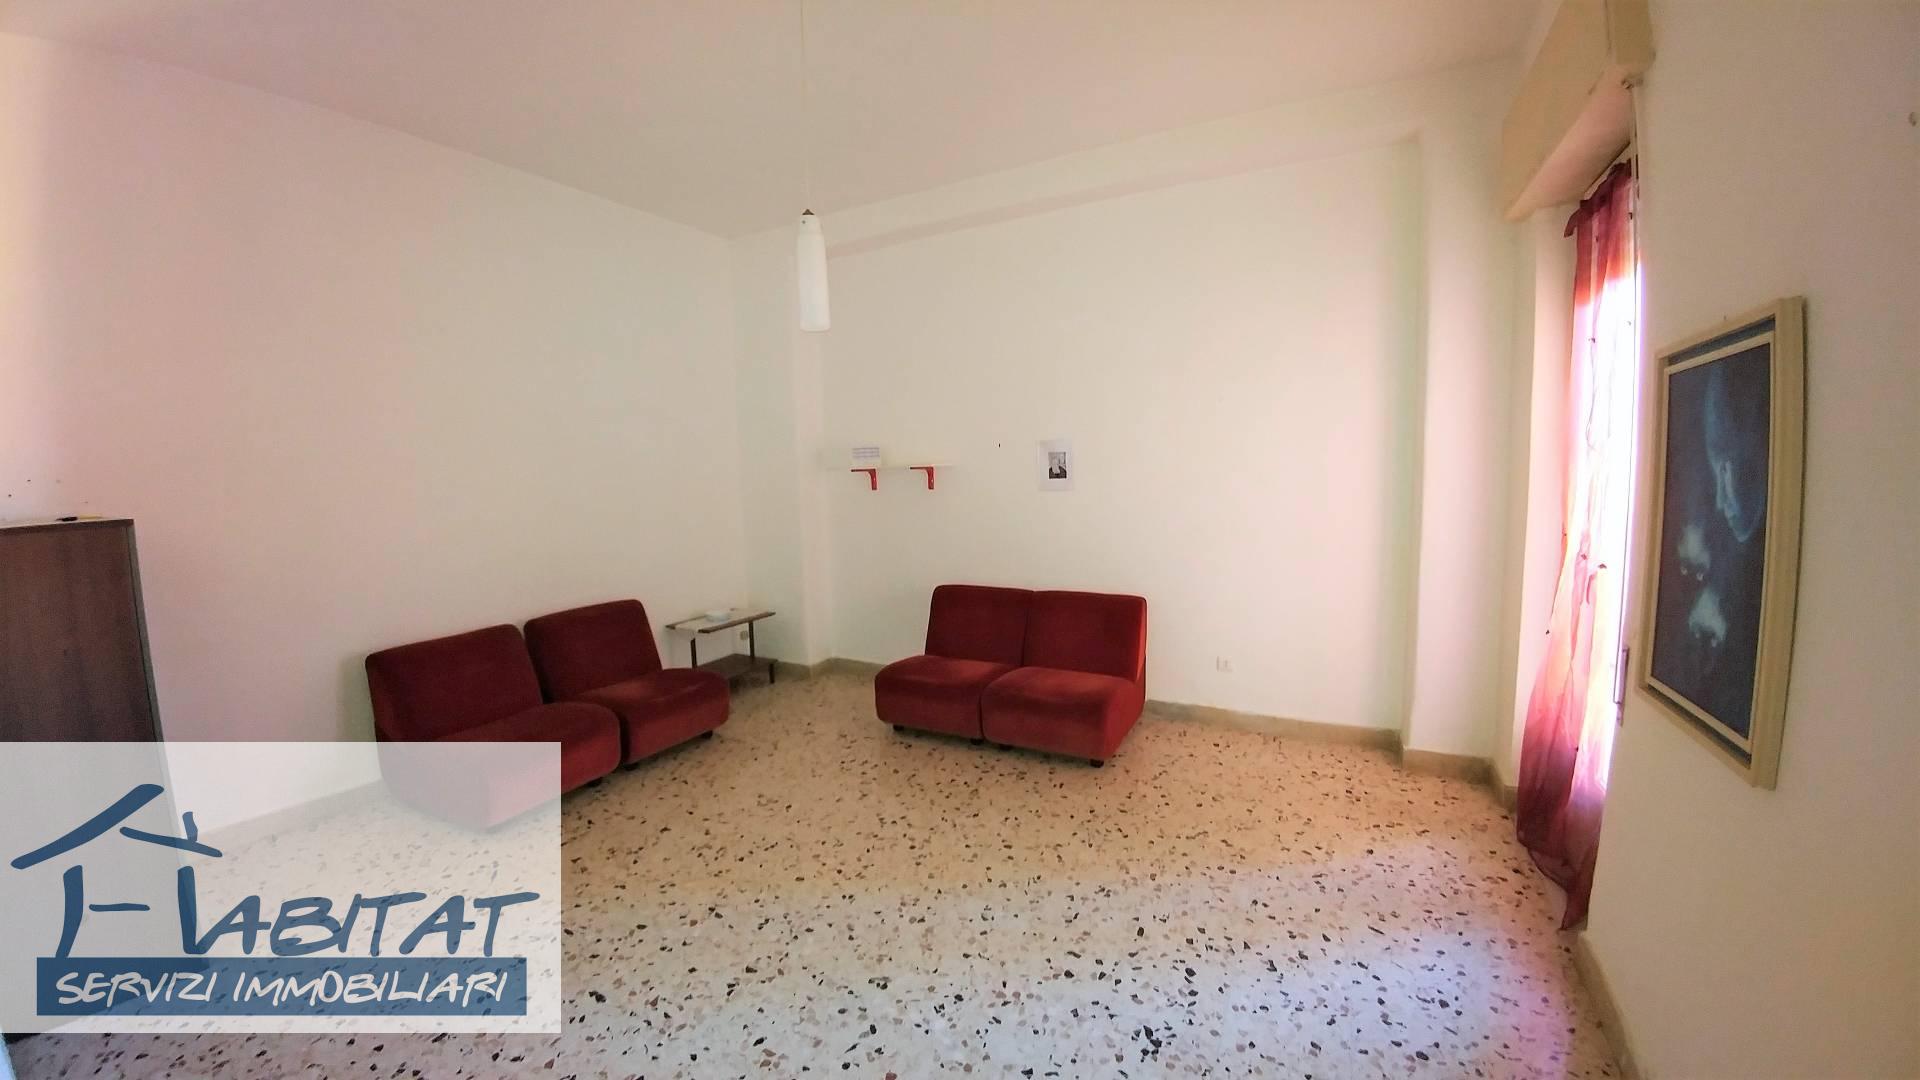 Appartamento in vendita a Agrigento, 5 locali, zona ro, prezzo € 70.000 | PortaleAgenzieImmobiliari.it